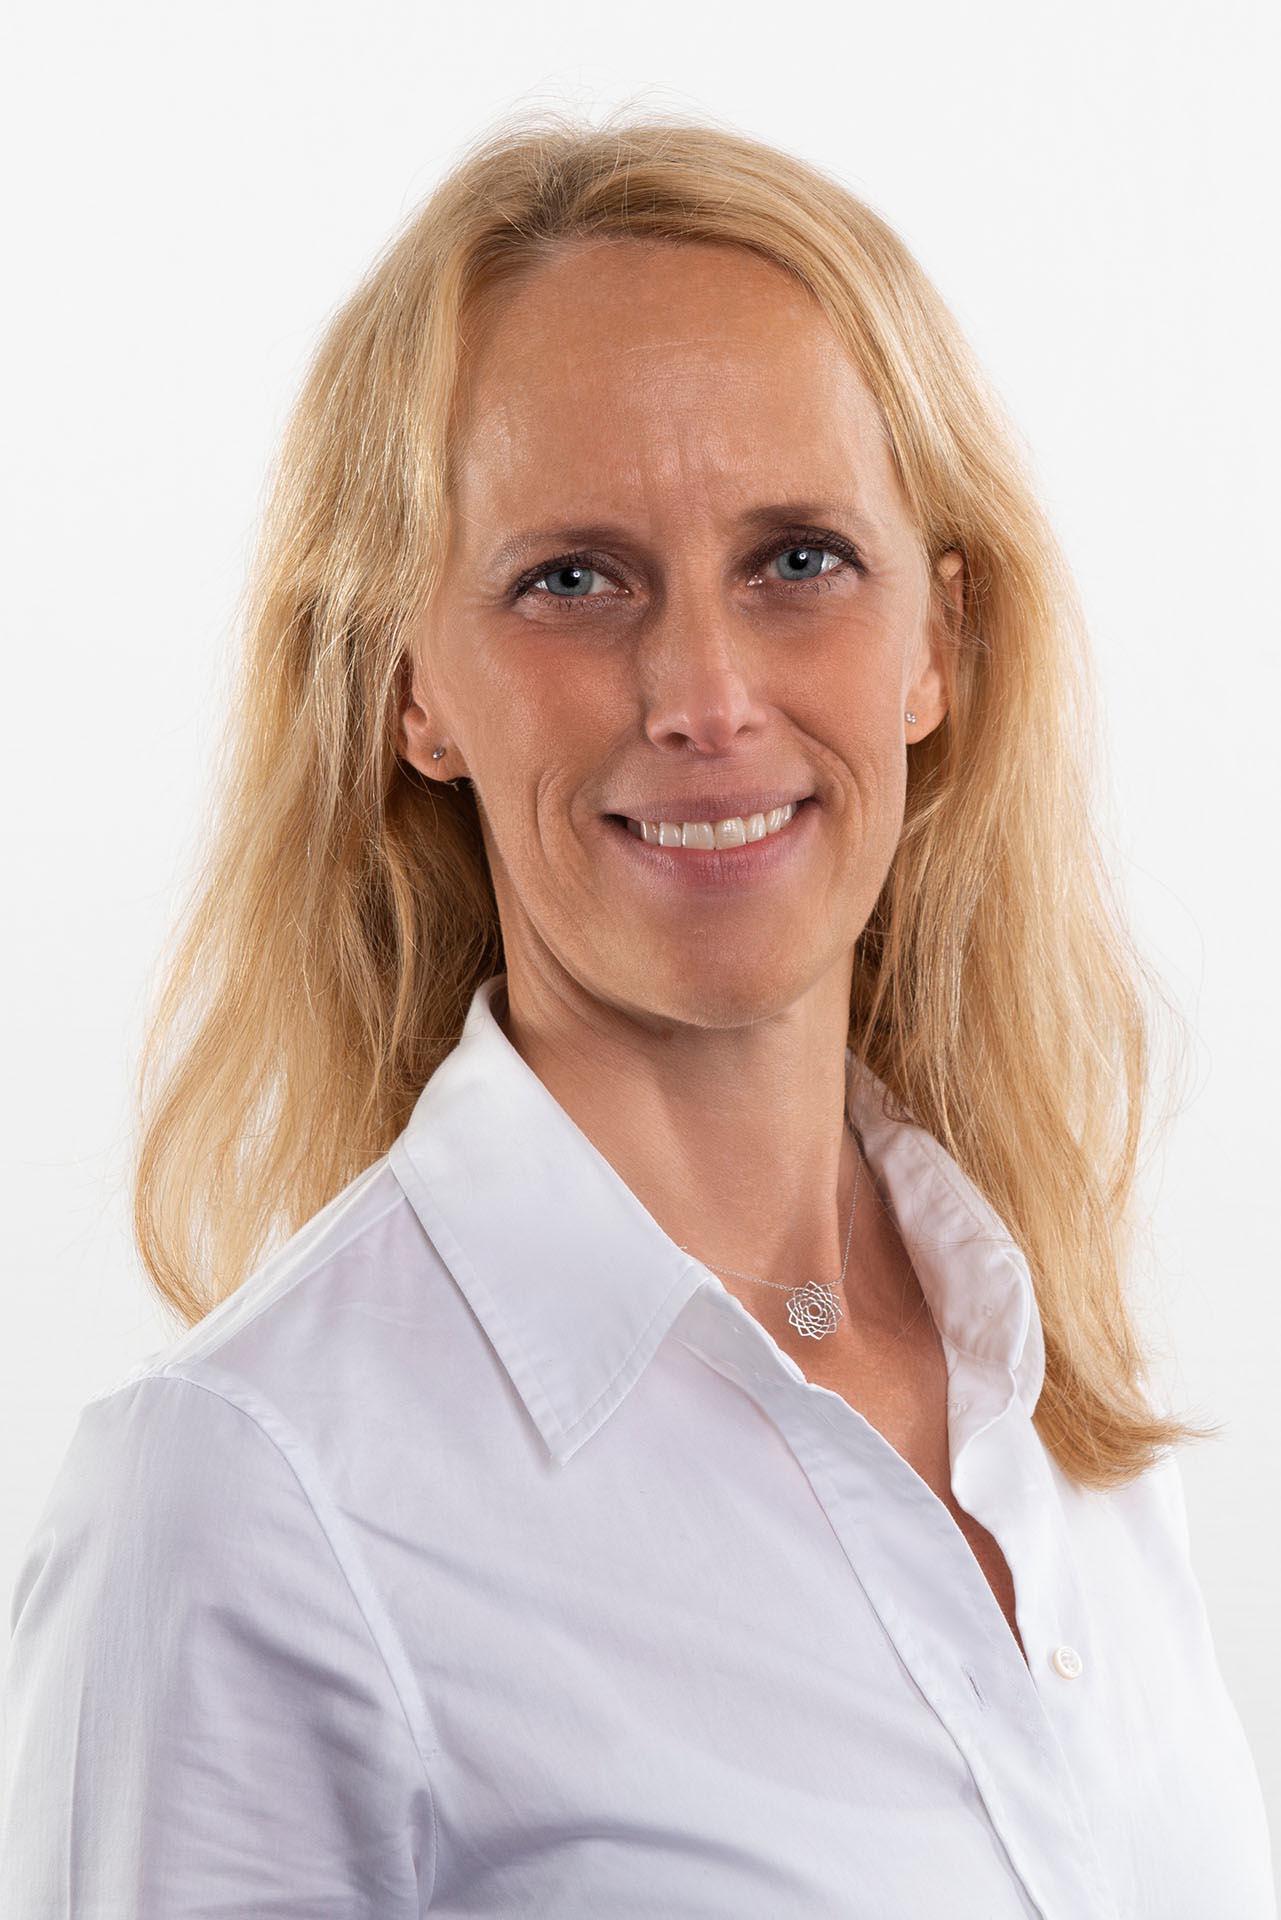 Babette Kusche, Fachanwältin für Arbeitsrecht, Fachanwältin für Familienrecht